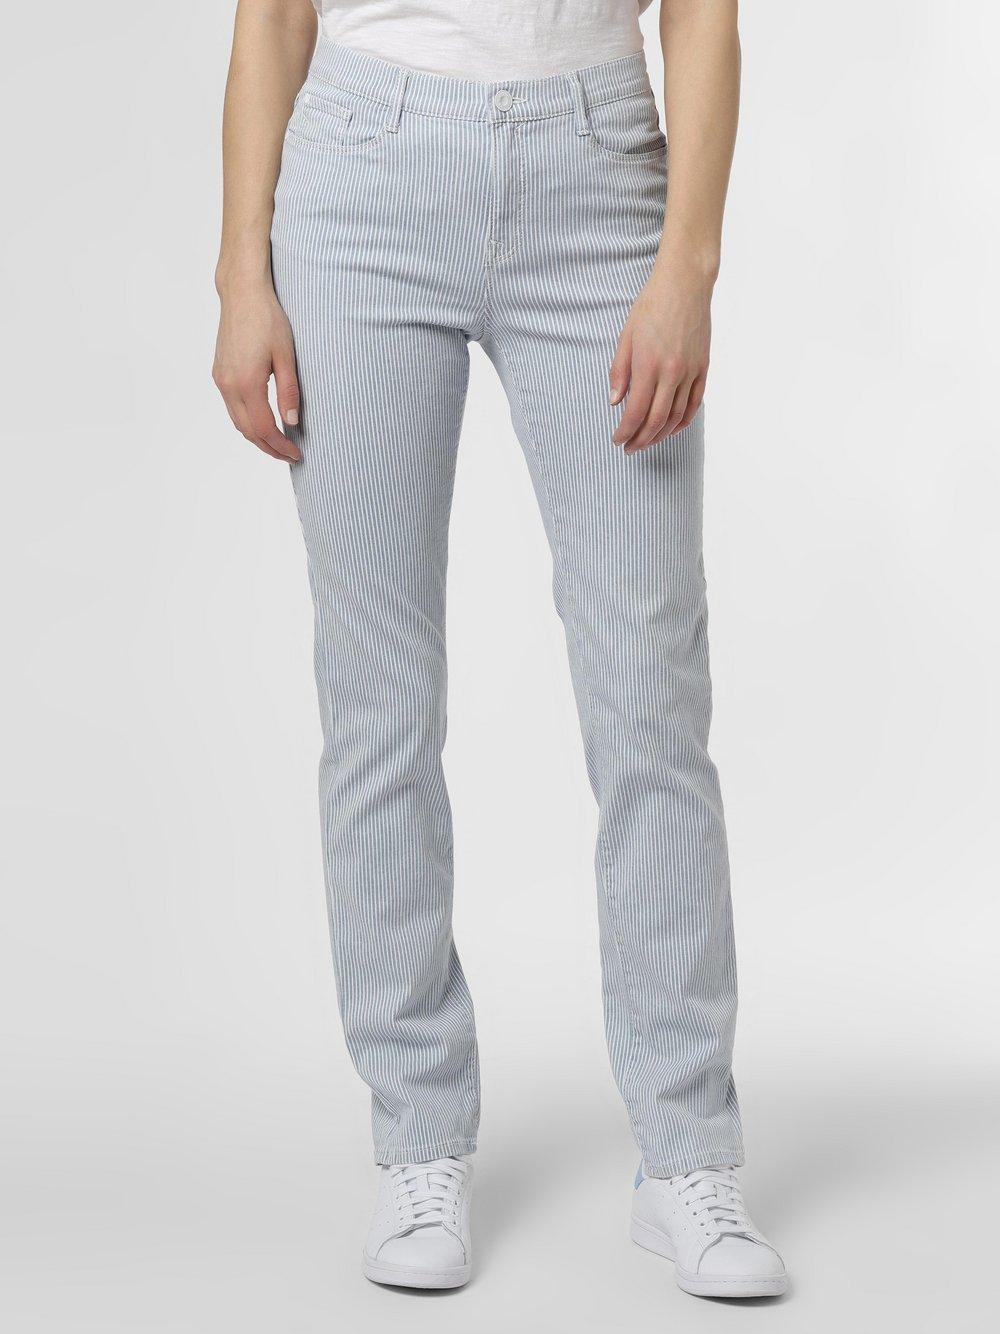 BRAX - Spodnie damskie – Mary, niebieski